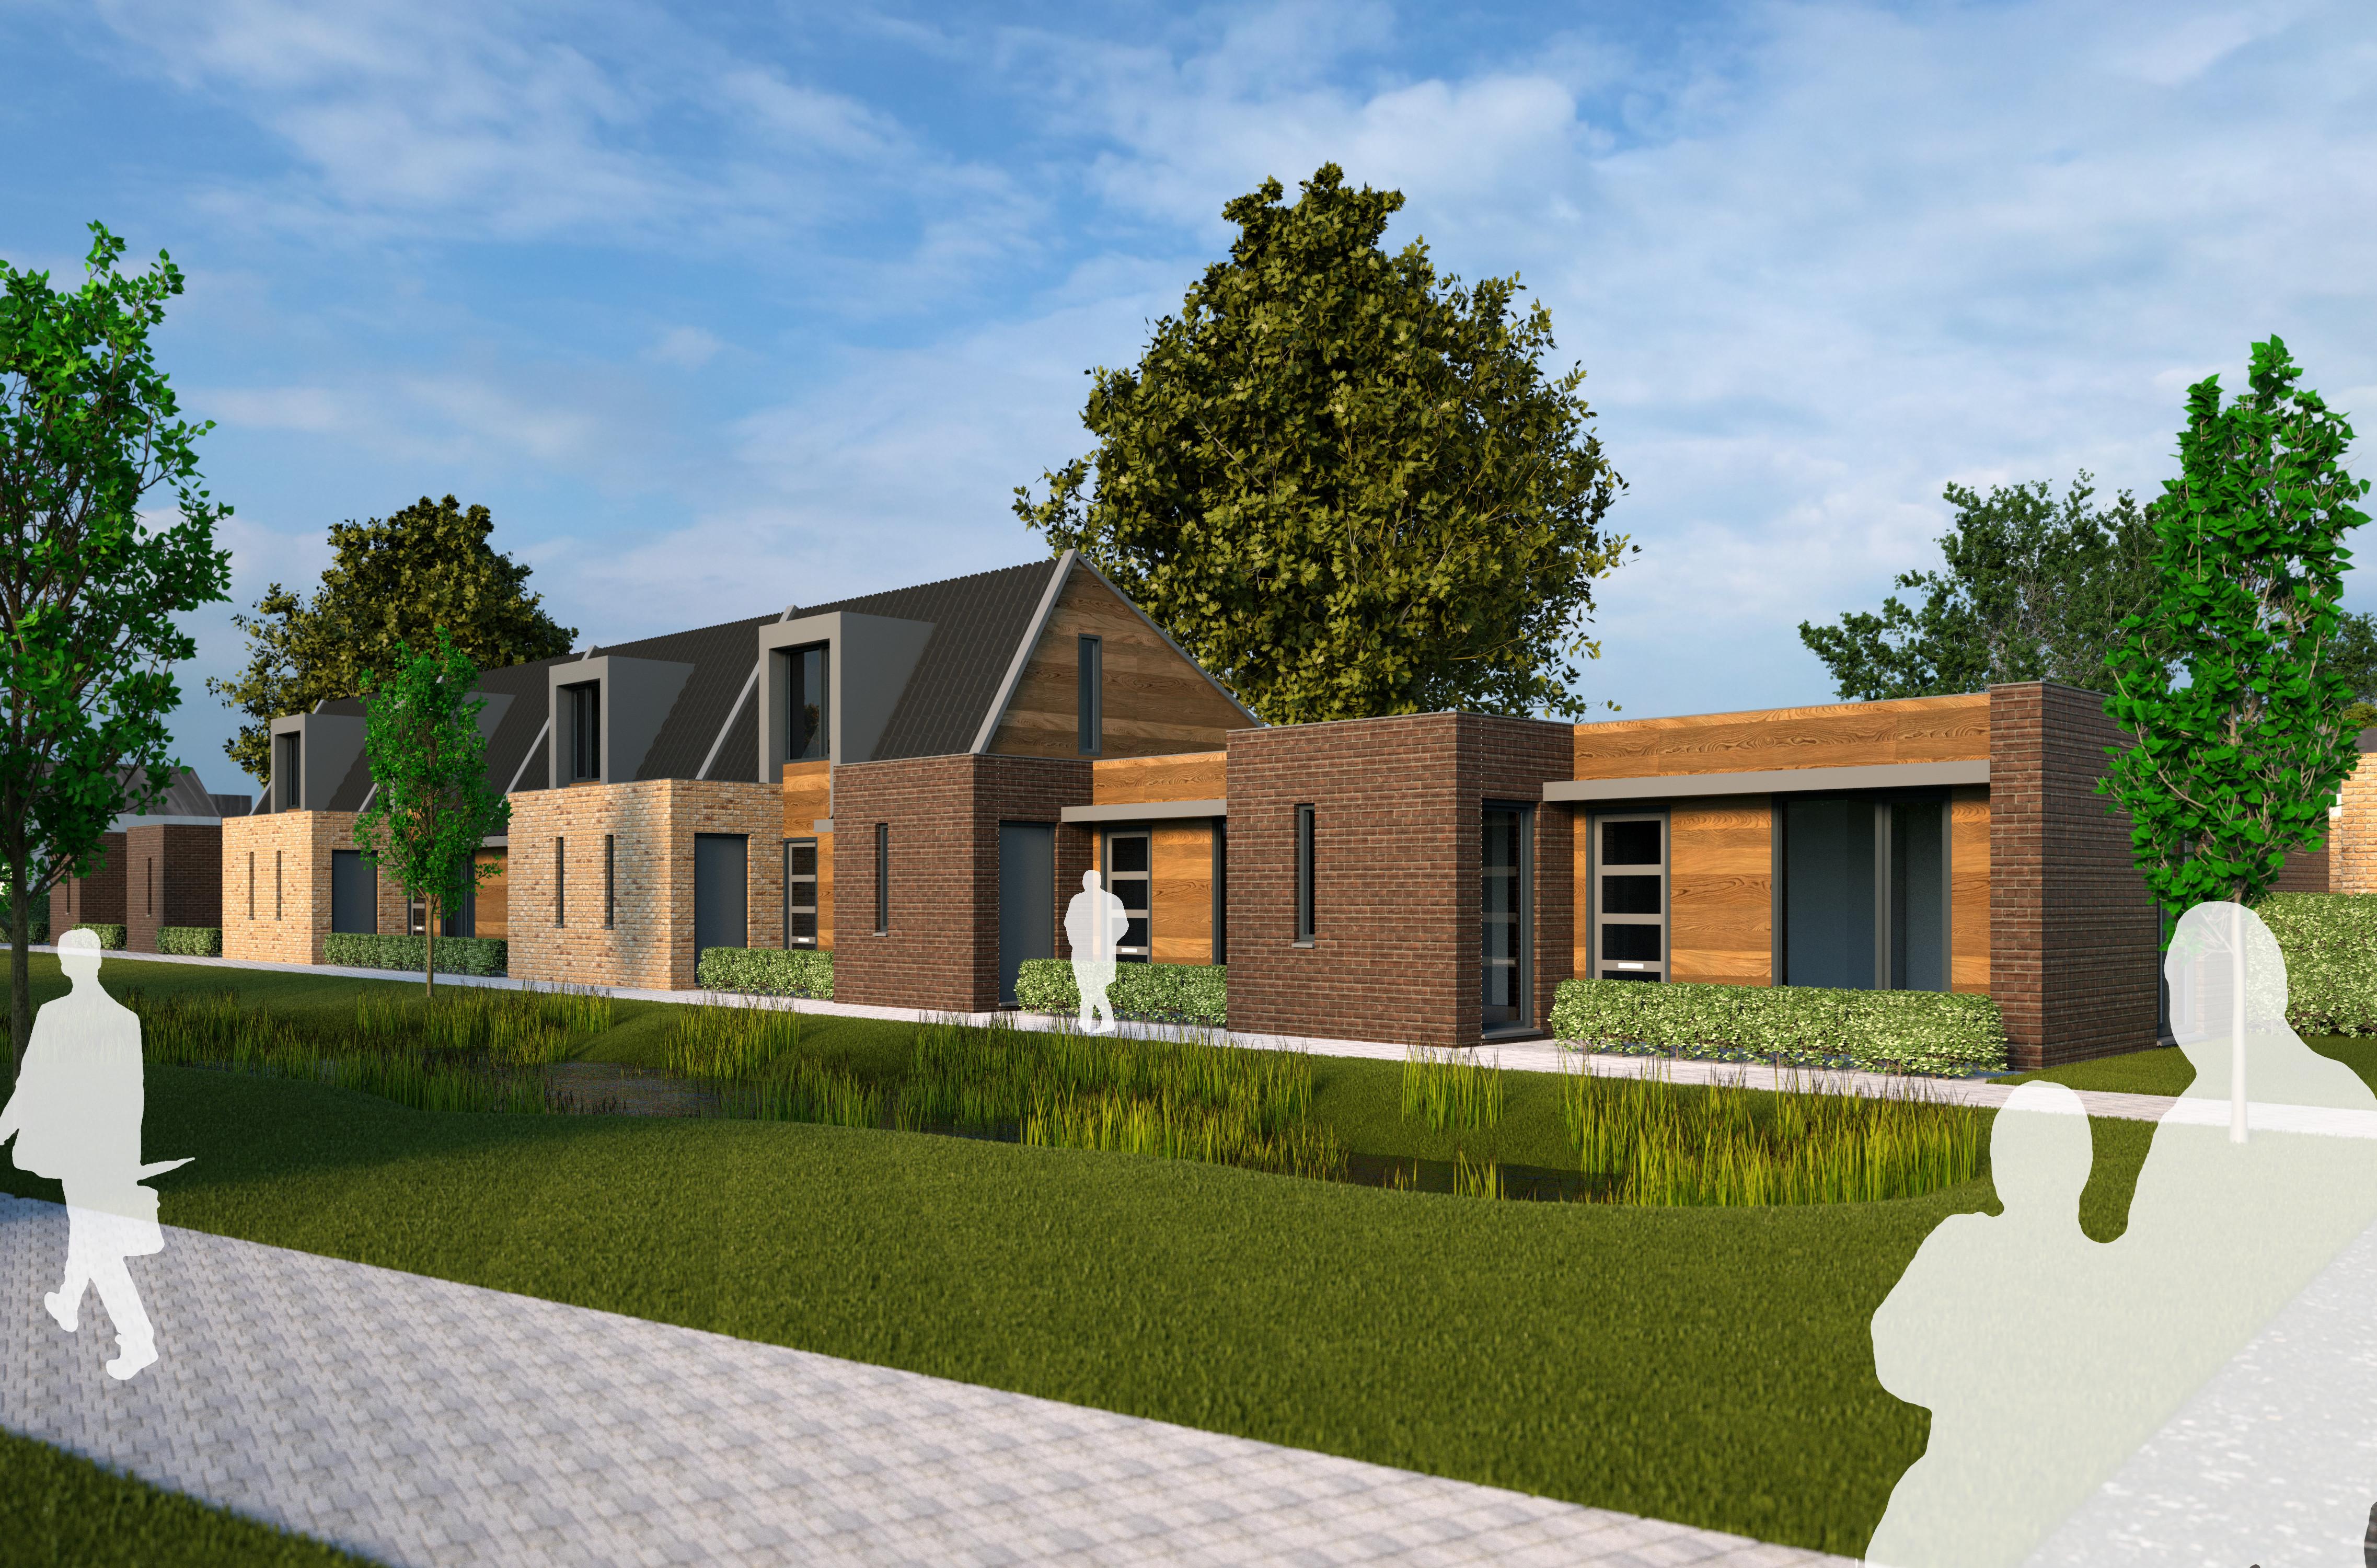 Wauben Architects – Voerendaal